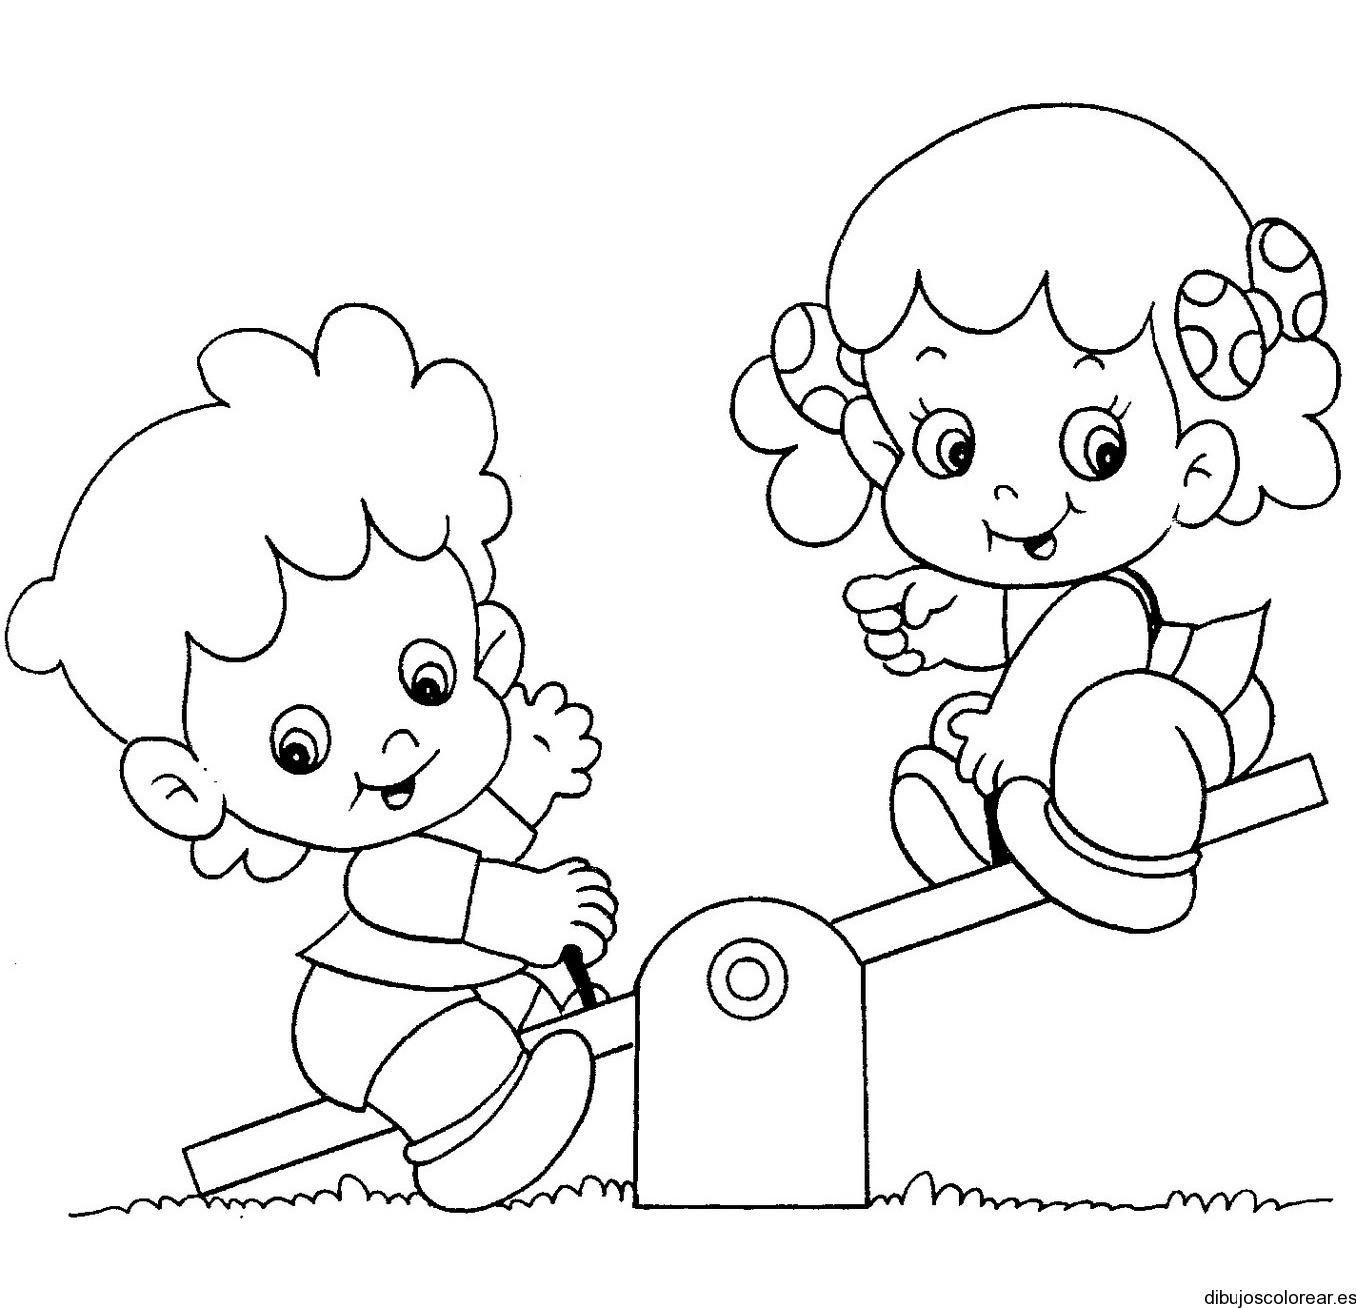 Dibujo De Una Niña Y Un Niño En El Parque